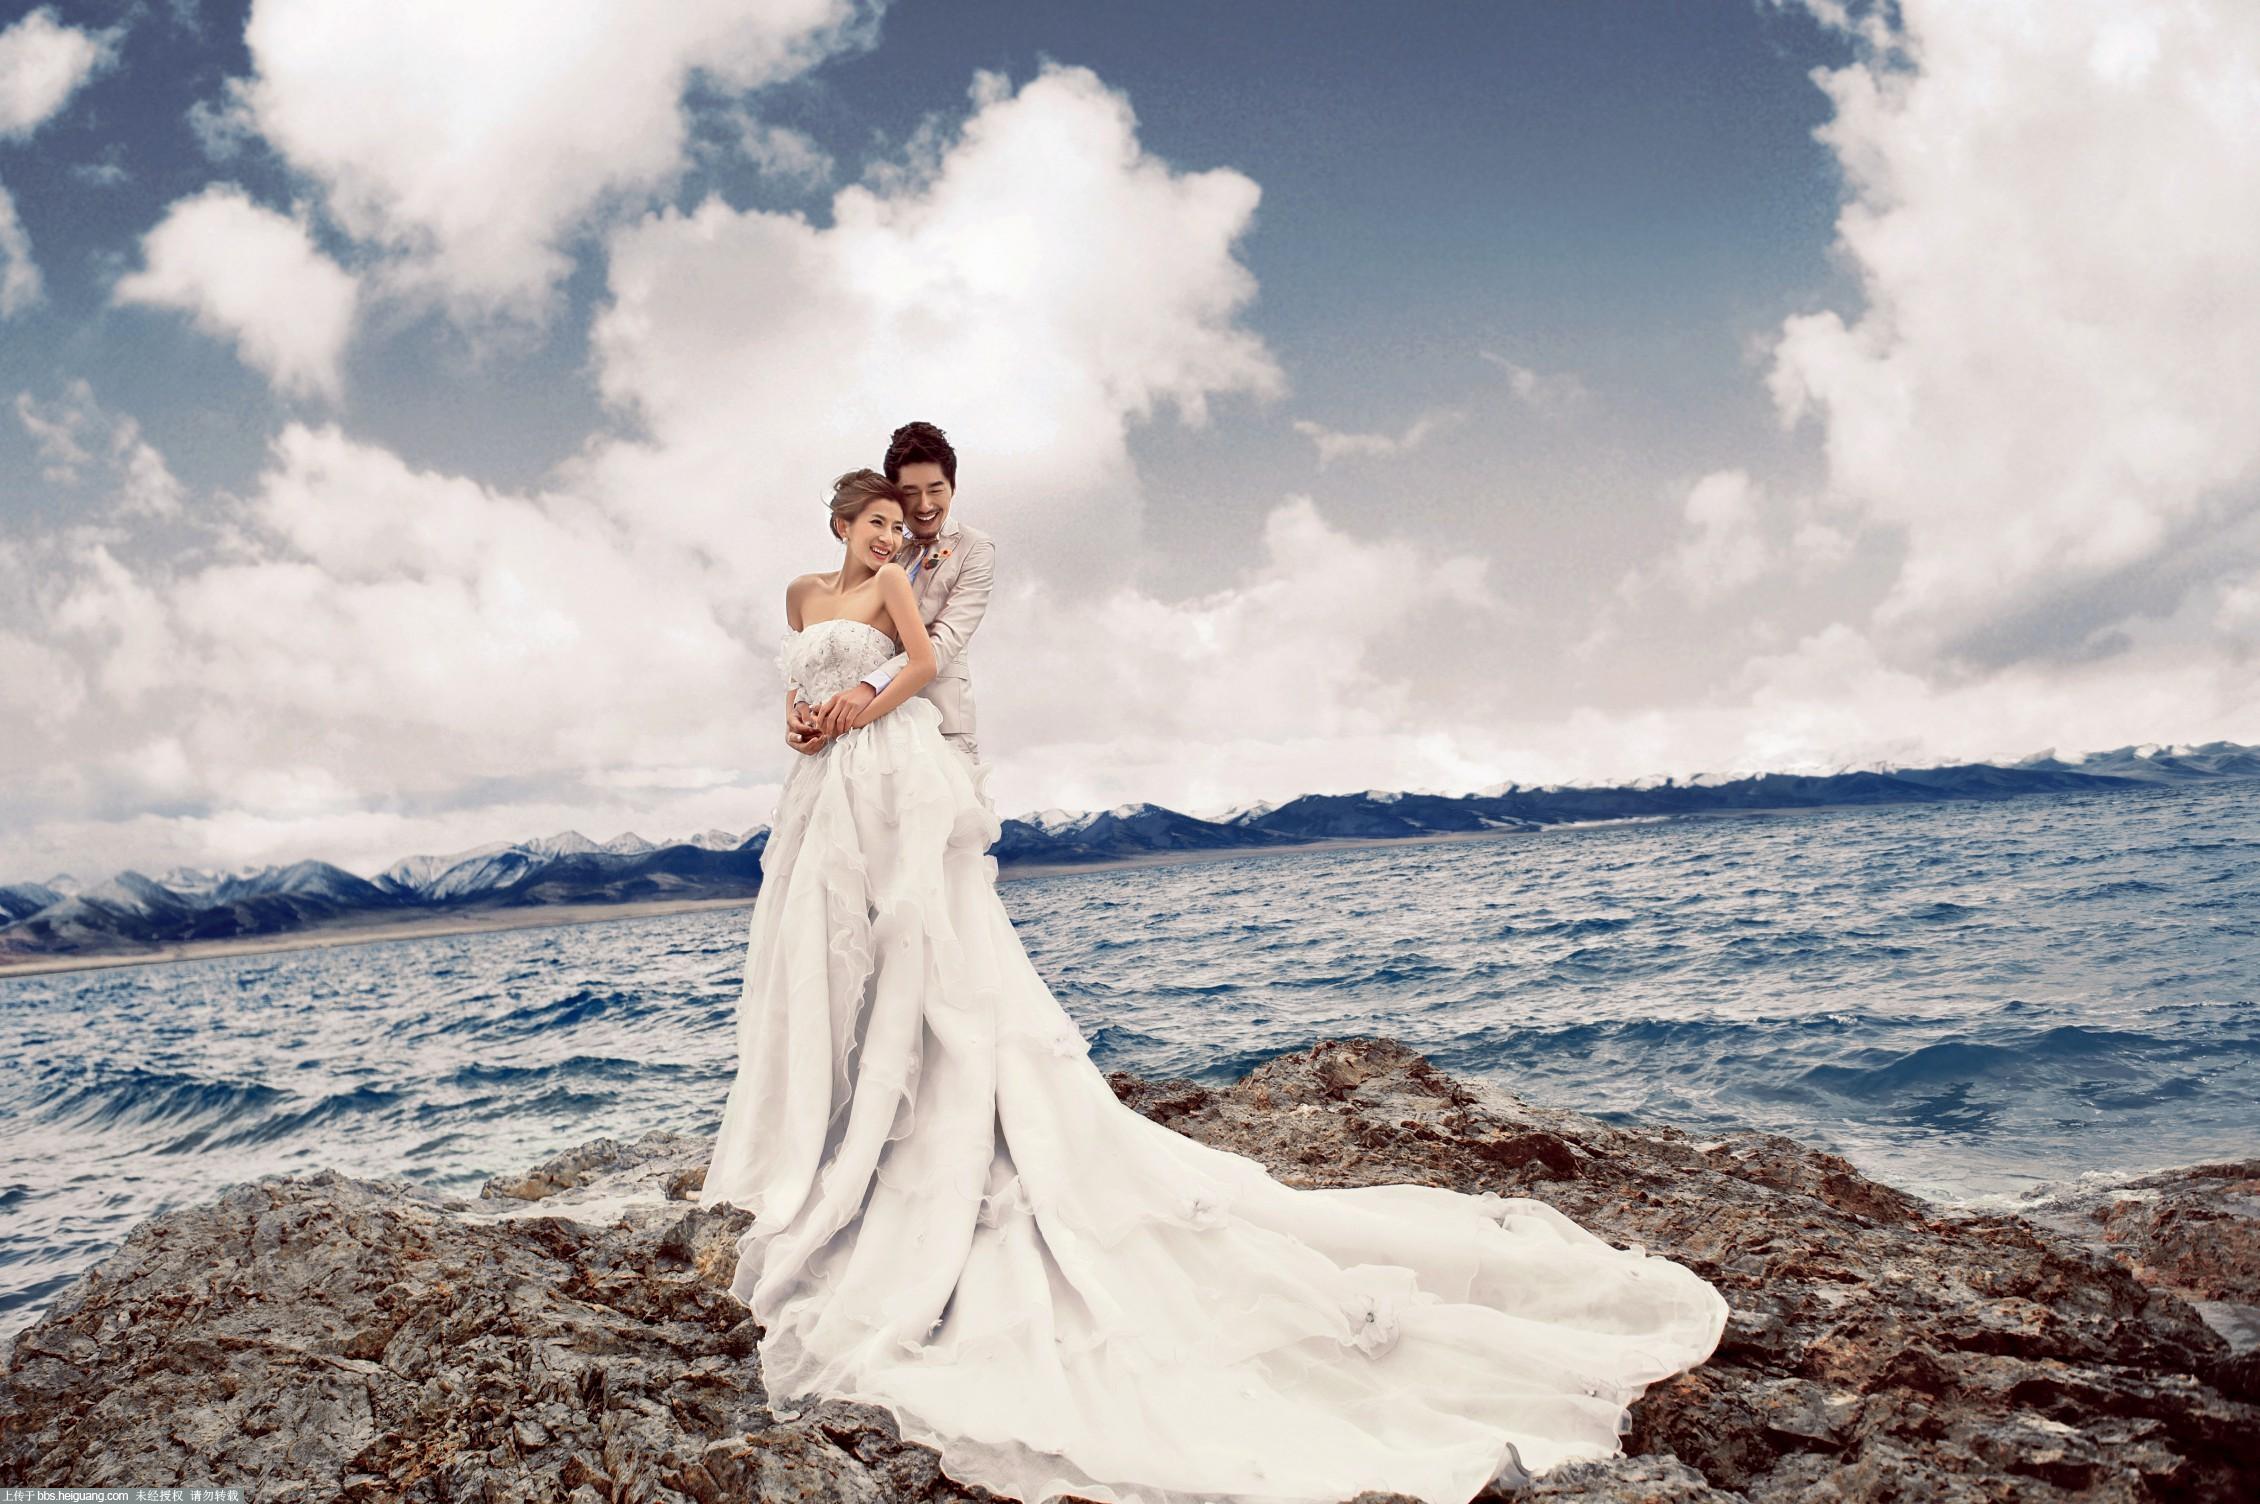 西藏婚纱摄影——纳木错《爱的颂歌》